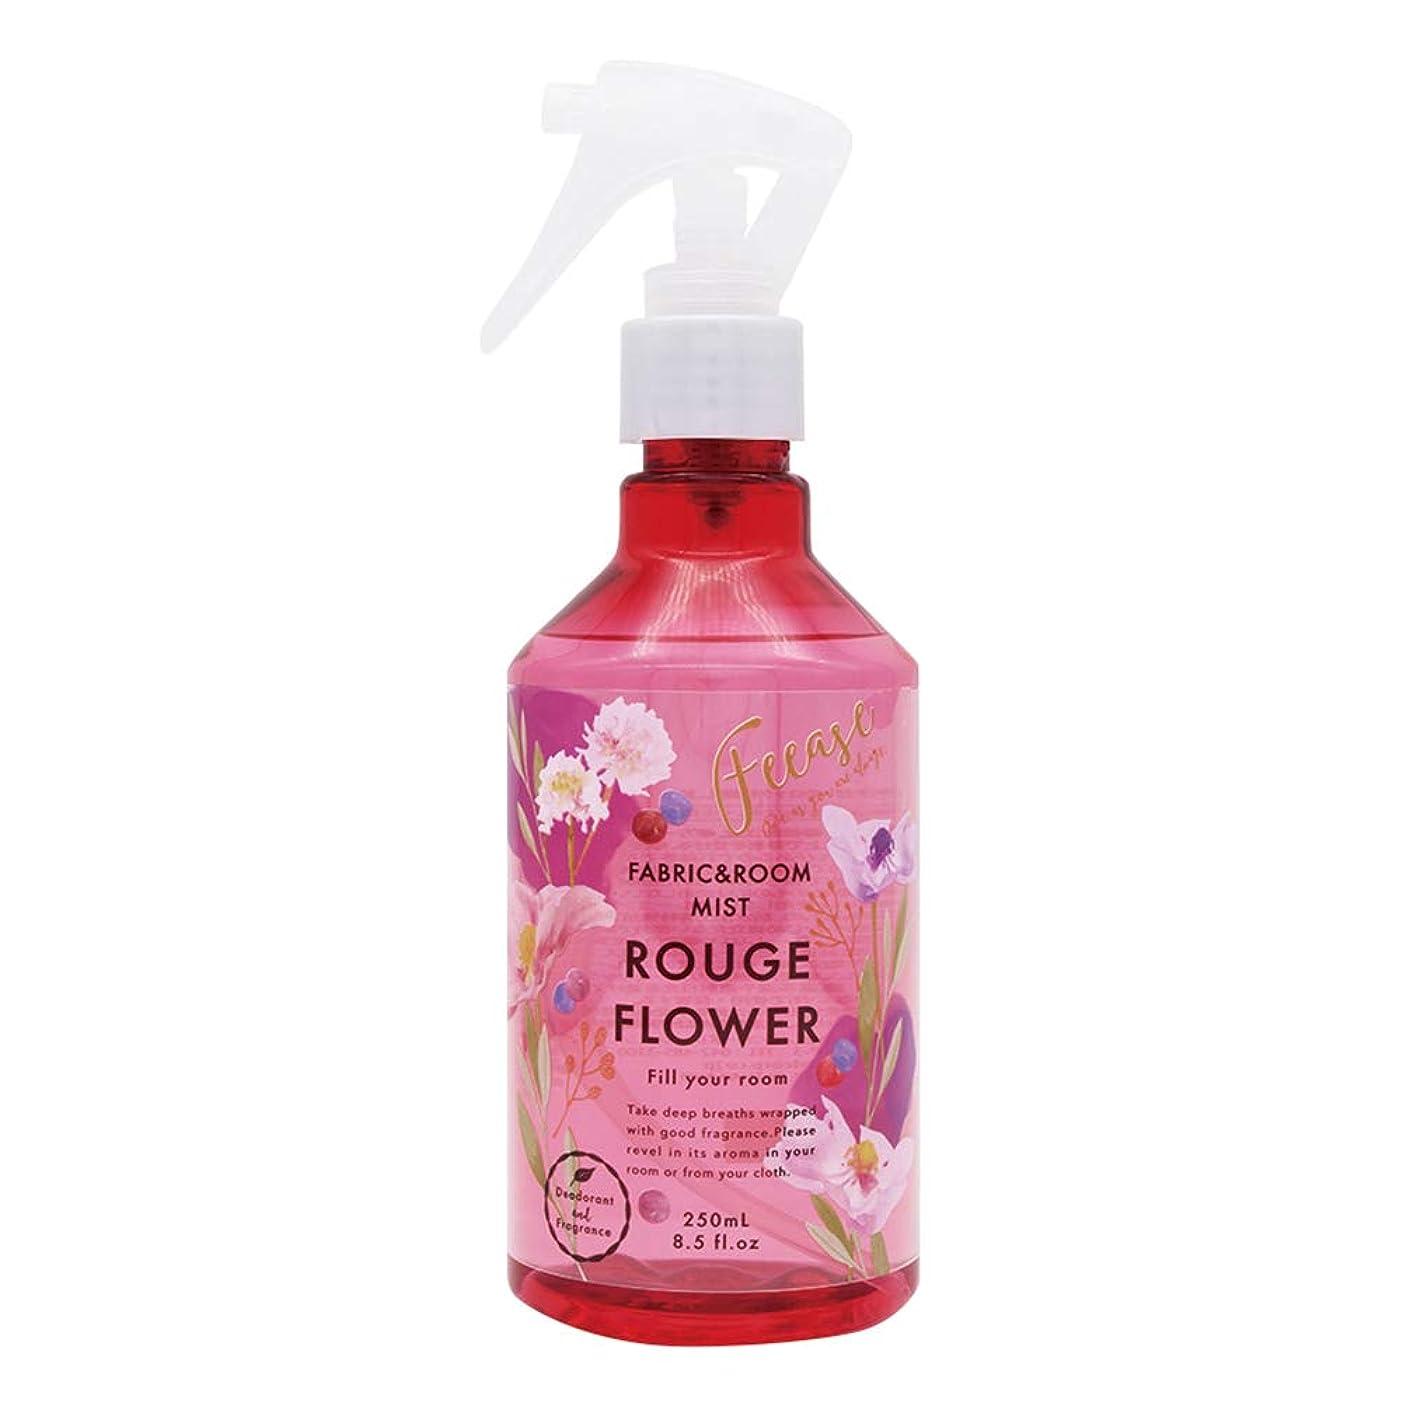 ノルコーポレーション ルーム&ファブリックミスト フィース 消臭成分配合 ルージュフラワーの香り 250ml OA-FEE-1-1